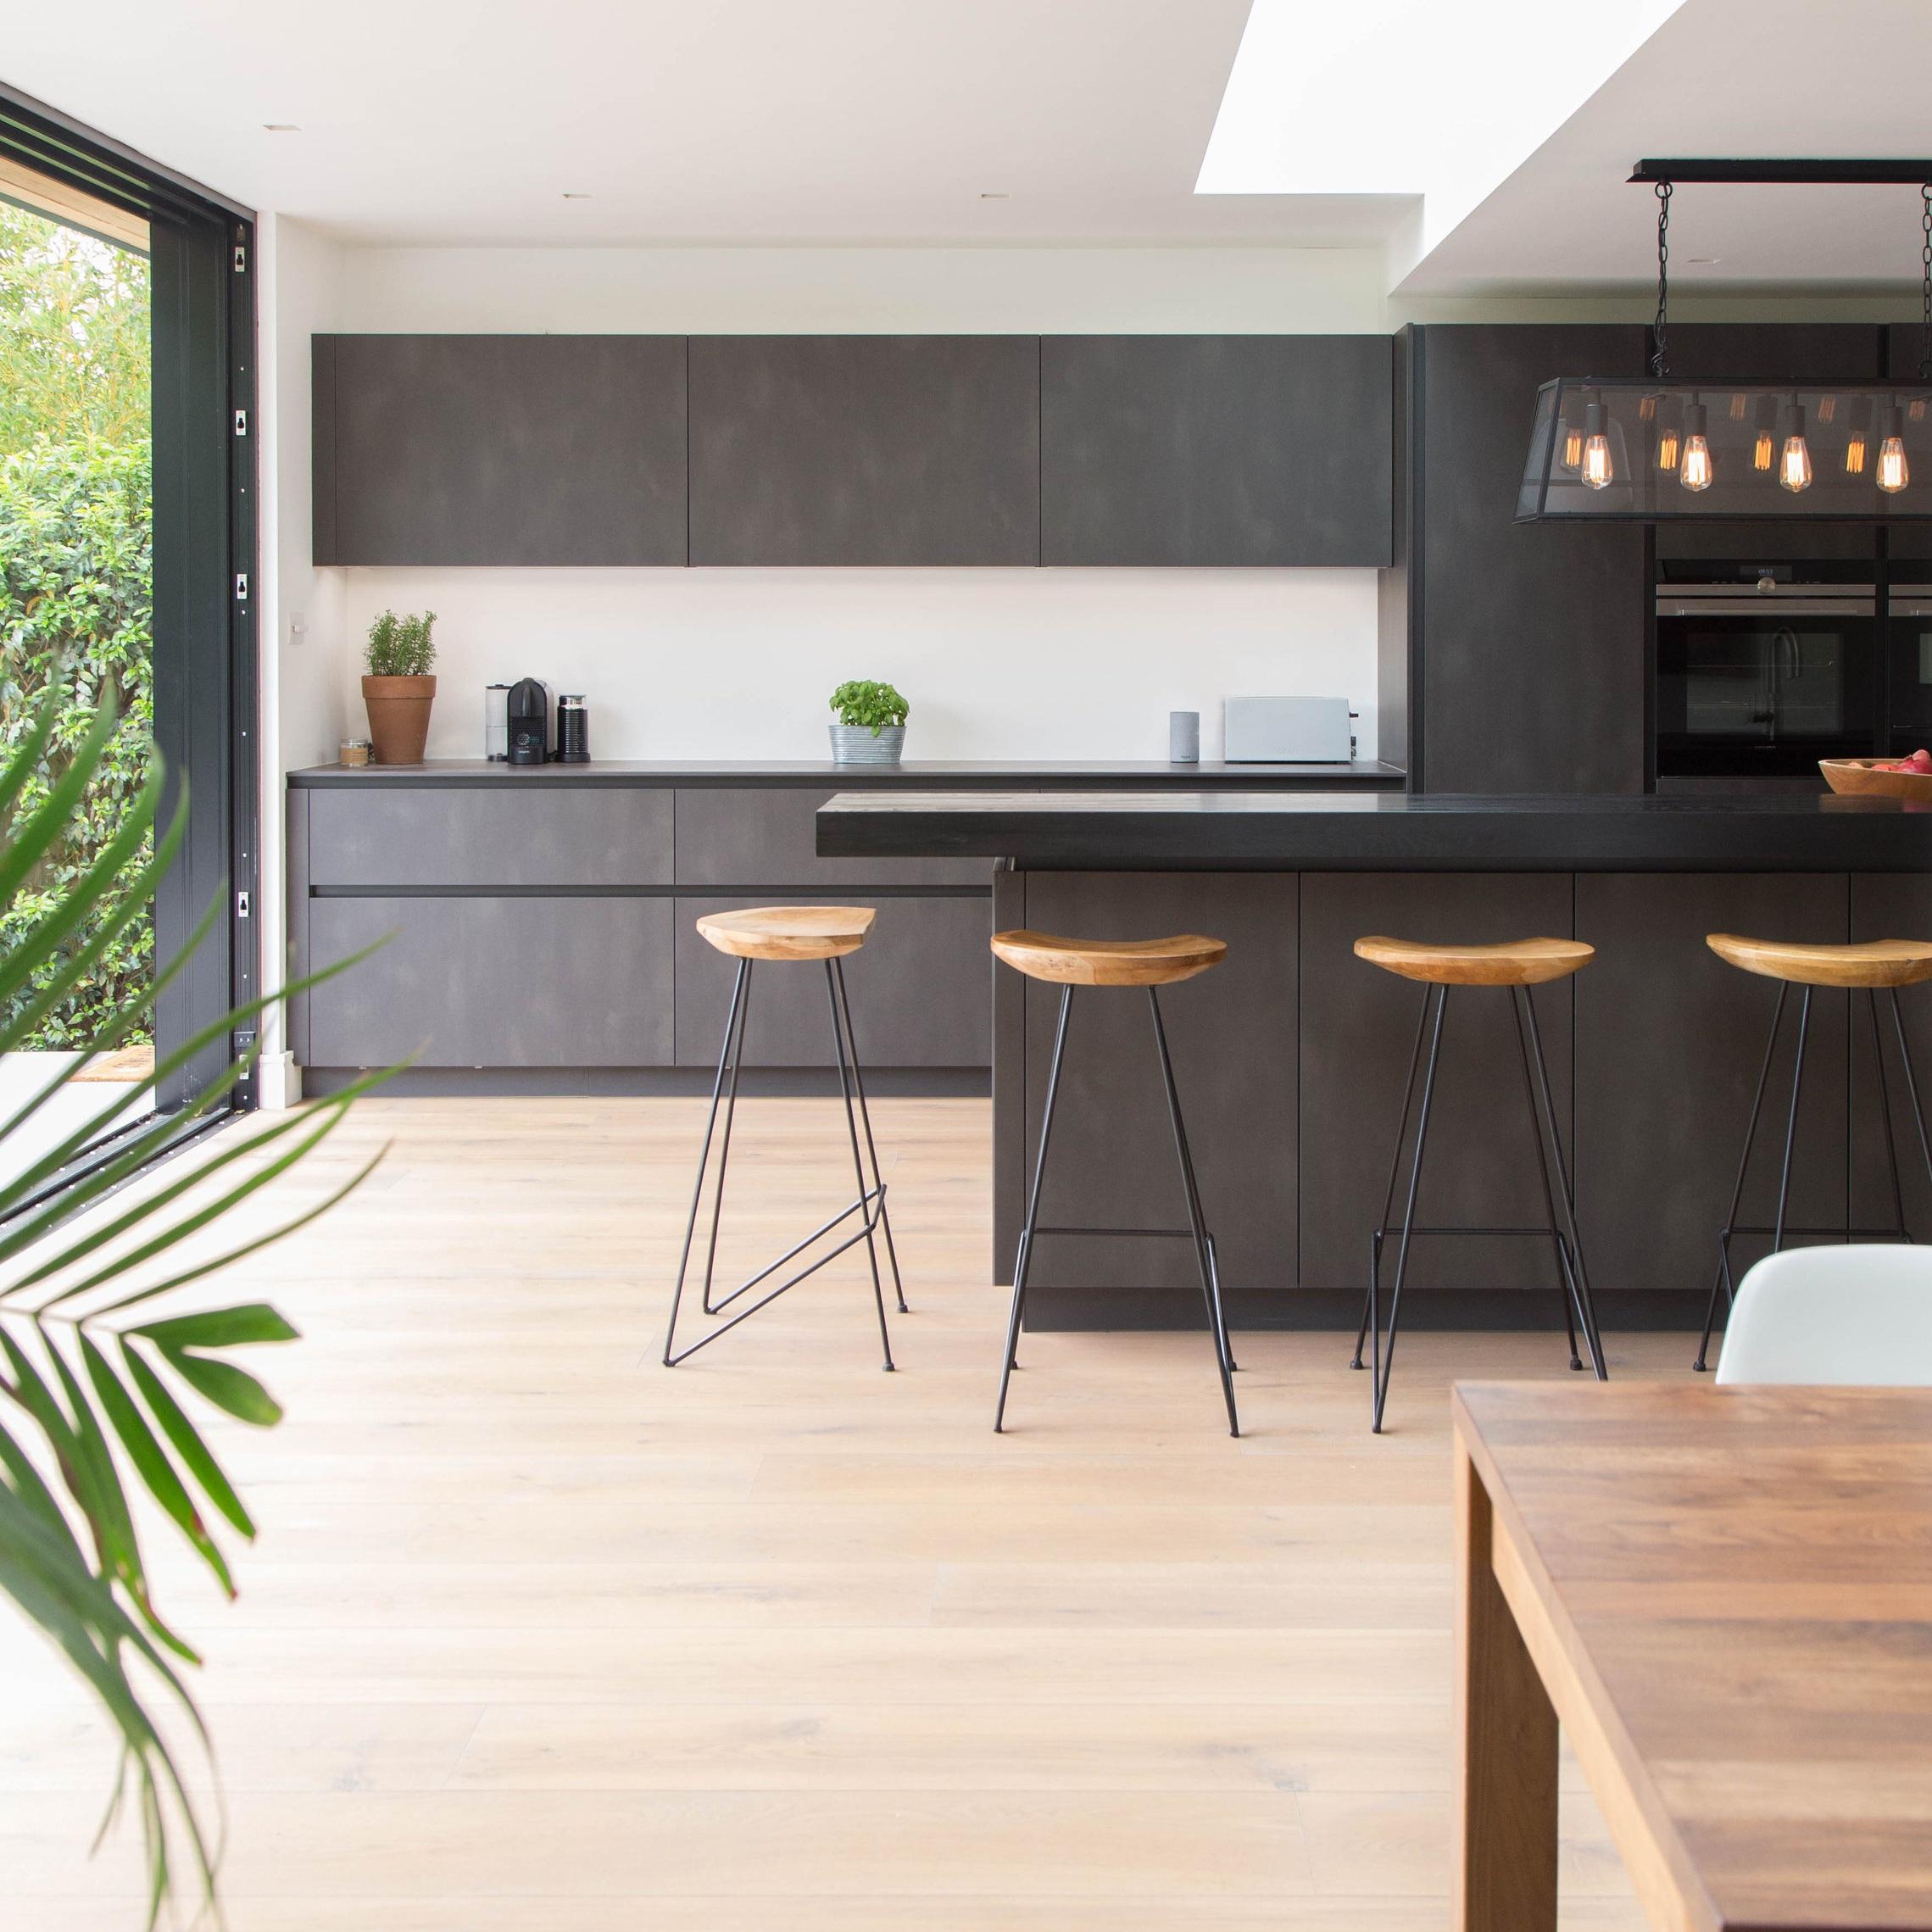 Vogue Kitchens Luxury Leicht Kitchens Premium Dealer